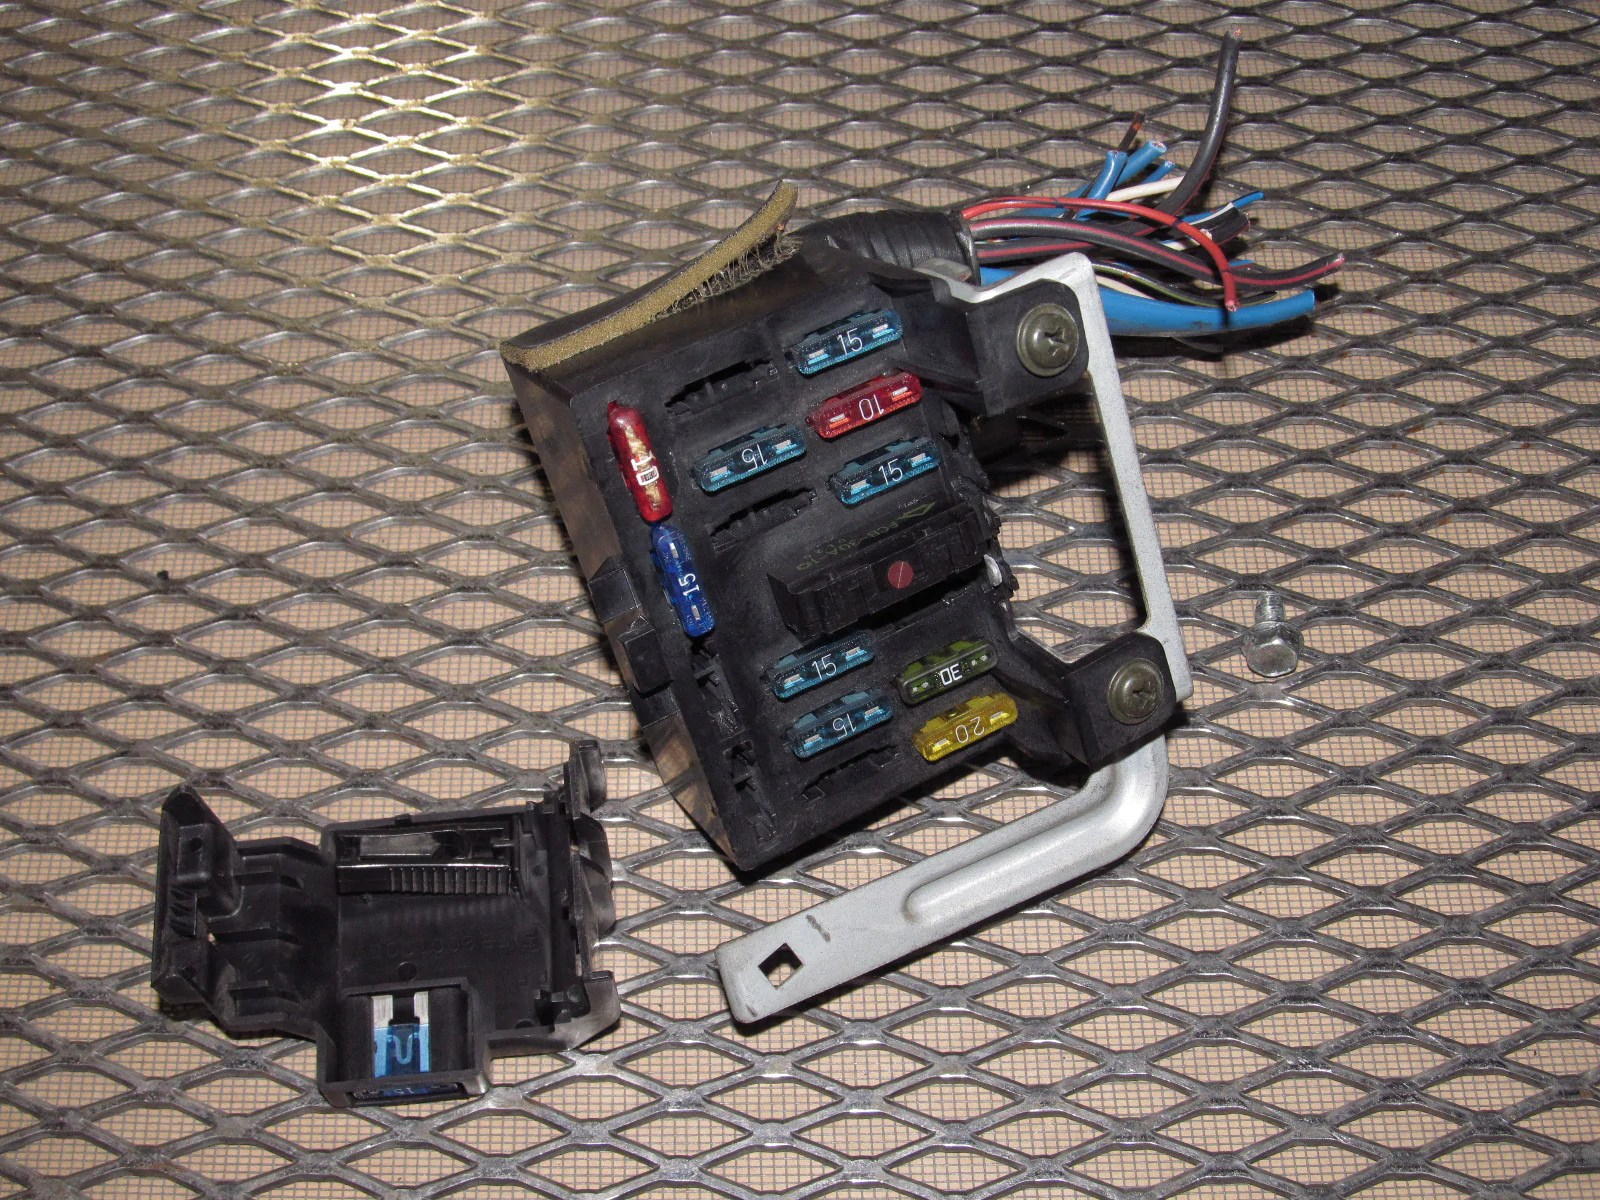 90 91 92 93 mazda miata oem interior fuse box autopartone com rh autopartone com 1993 [ 1600 x 1200 Pixel ]